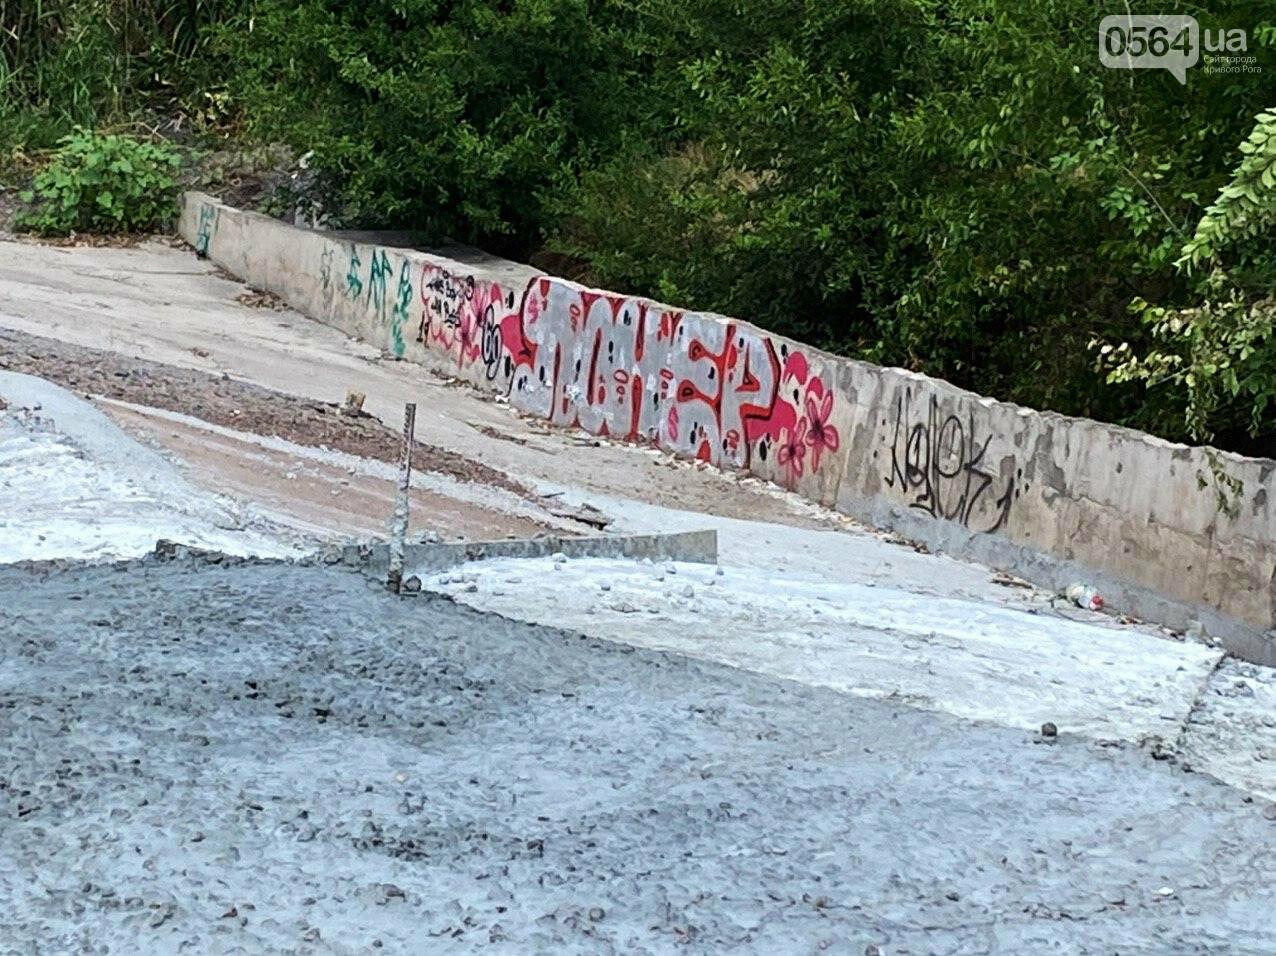 В Кривом Роге опять ремонтируют мост, где 5 лет назад произошло ЧП, - ФОТО , фото-5